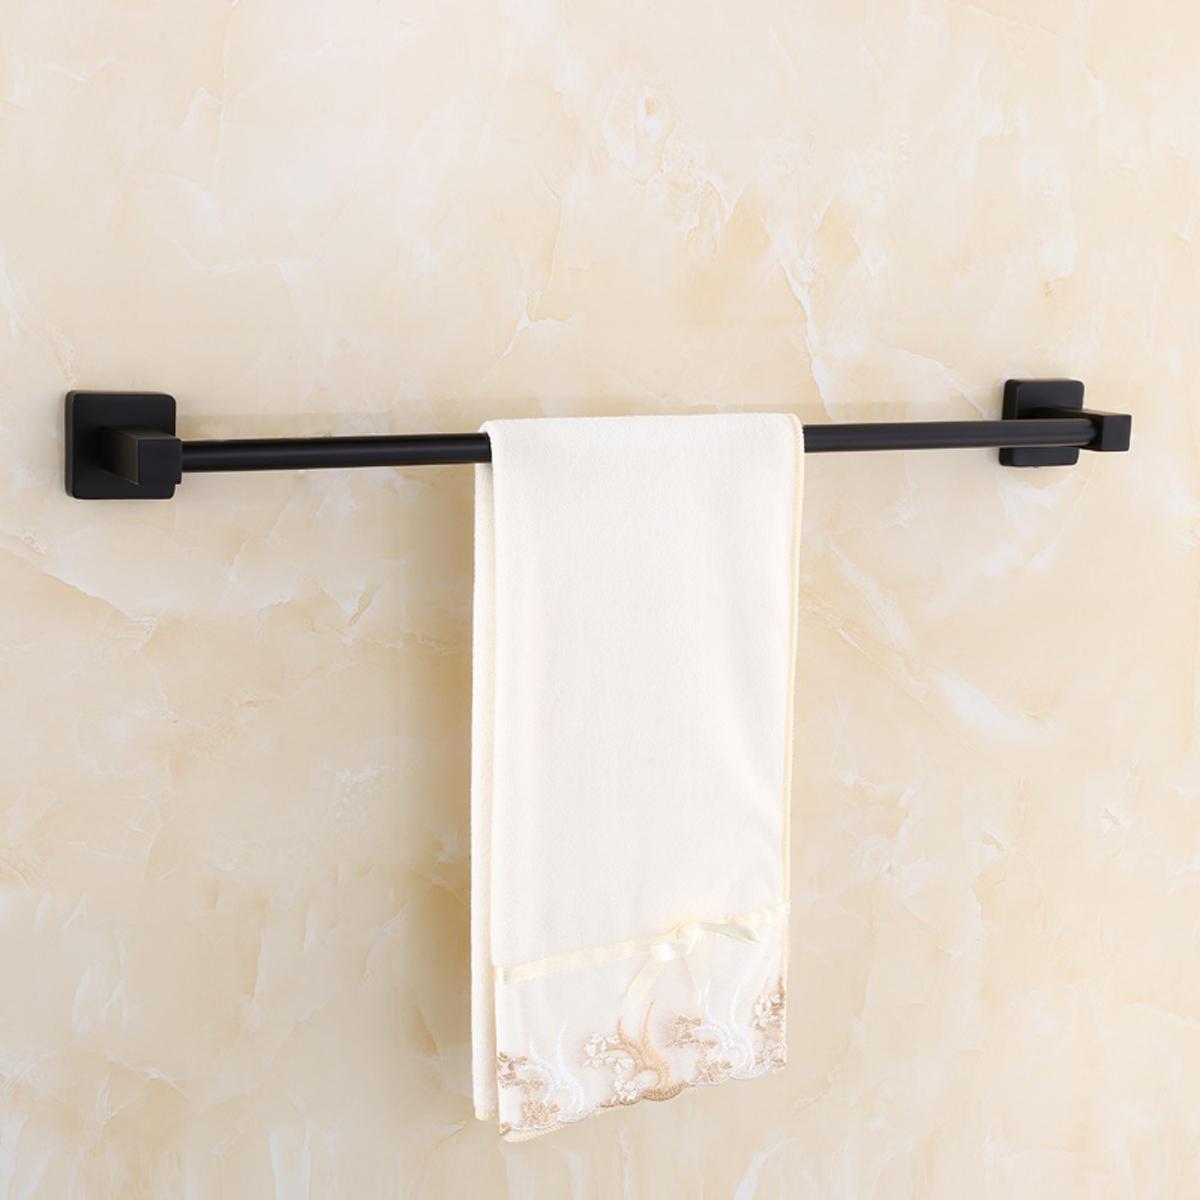 Matt Black Square Towel Holder Rack